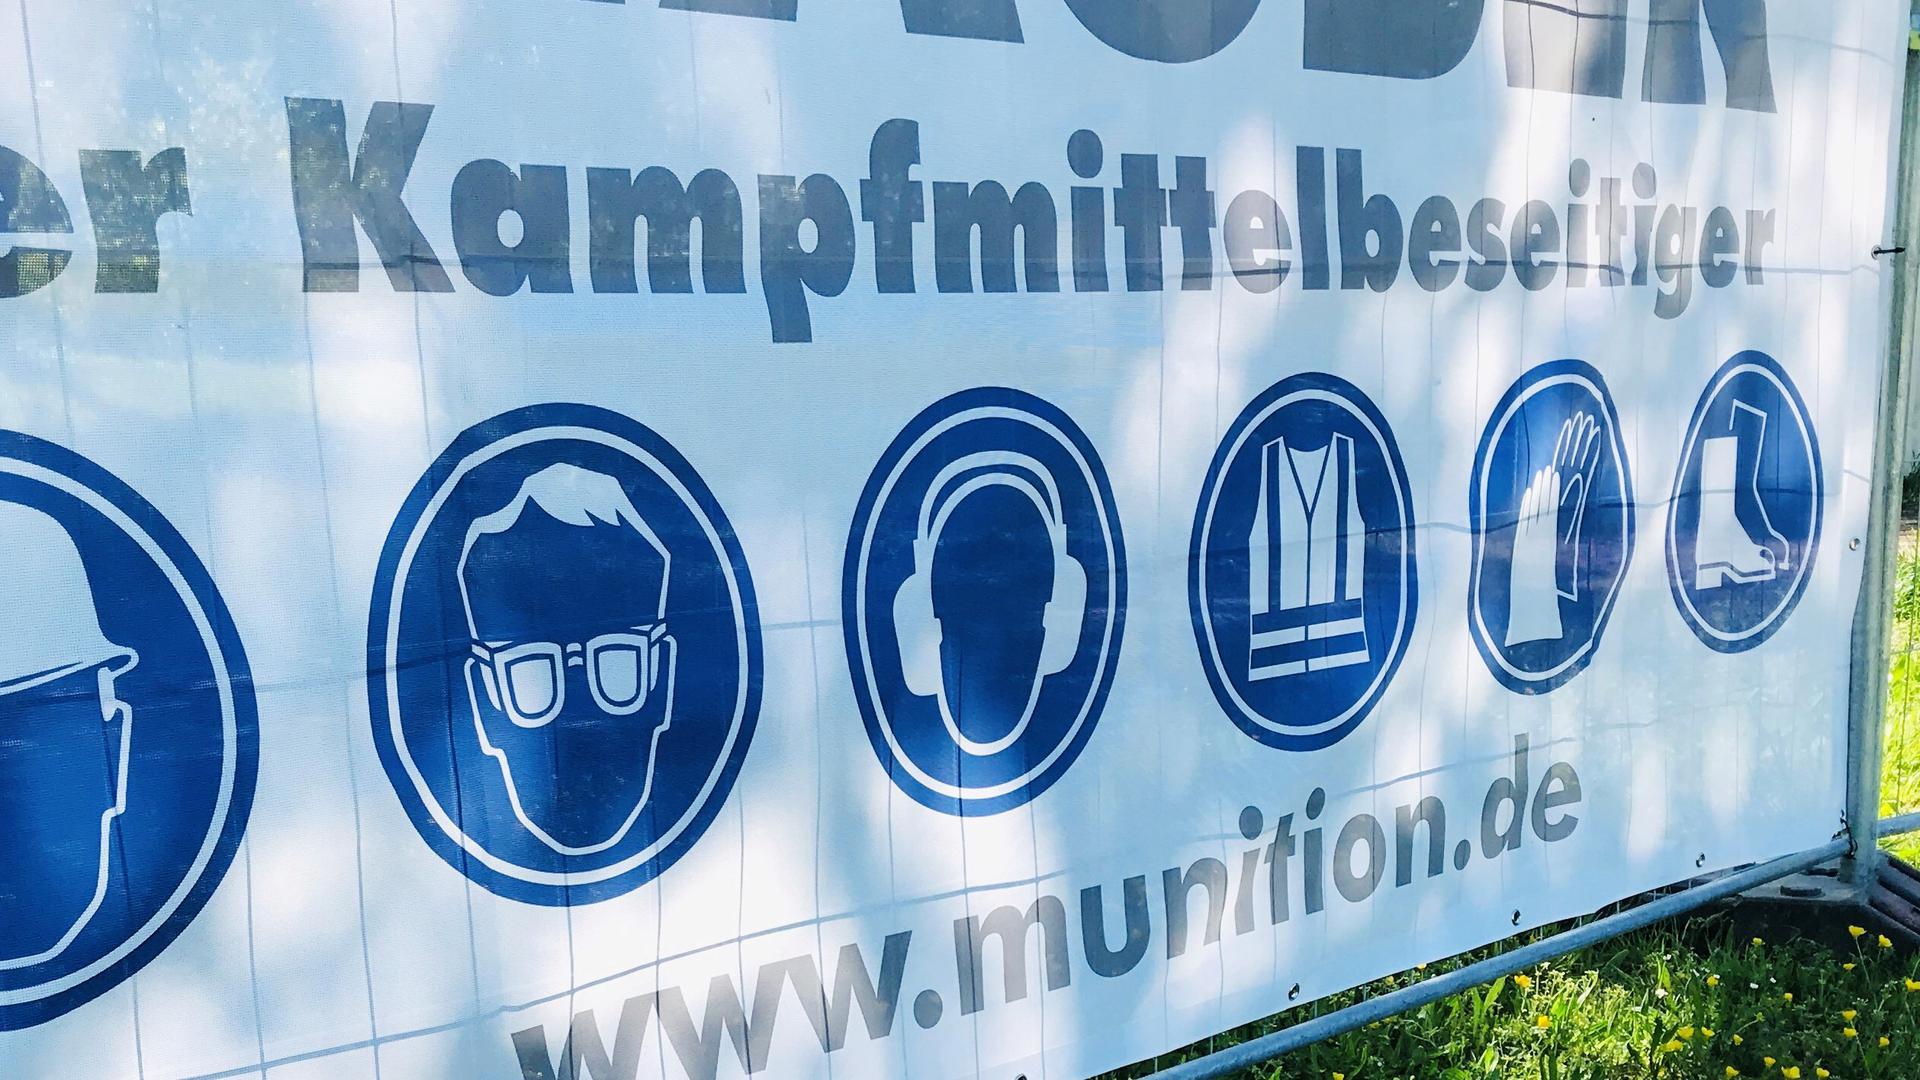 """Ein Transparent mit der Aufschrift """"Der Kampfmittelbeseitiger"""" hängt an einem Zaun im Wörthböschelpark in Baden-Baden."""